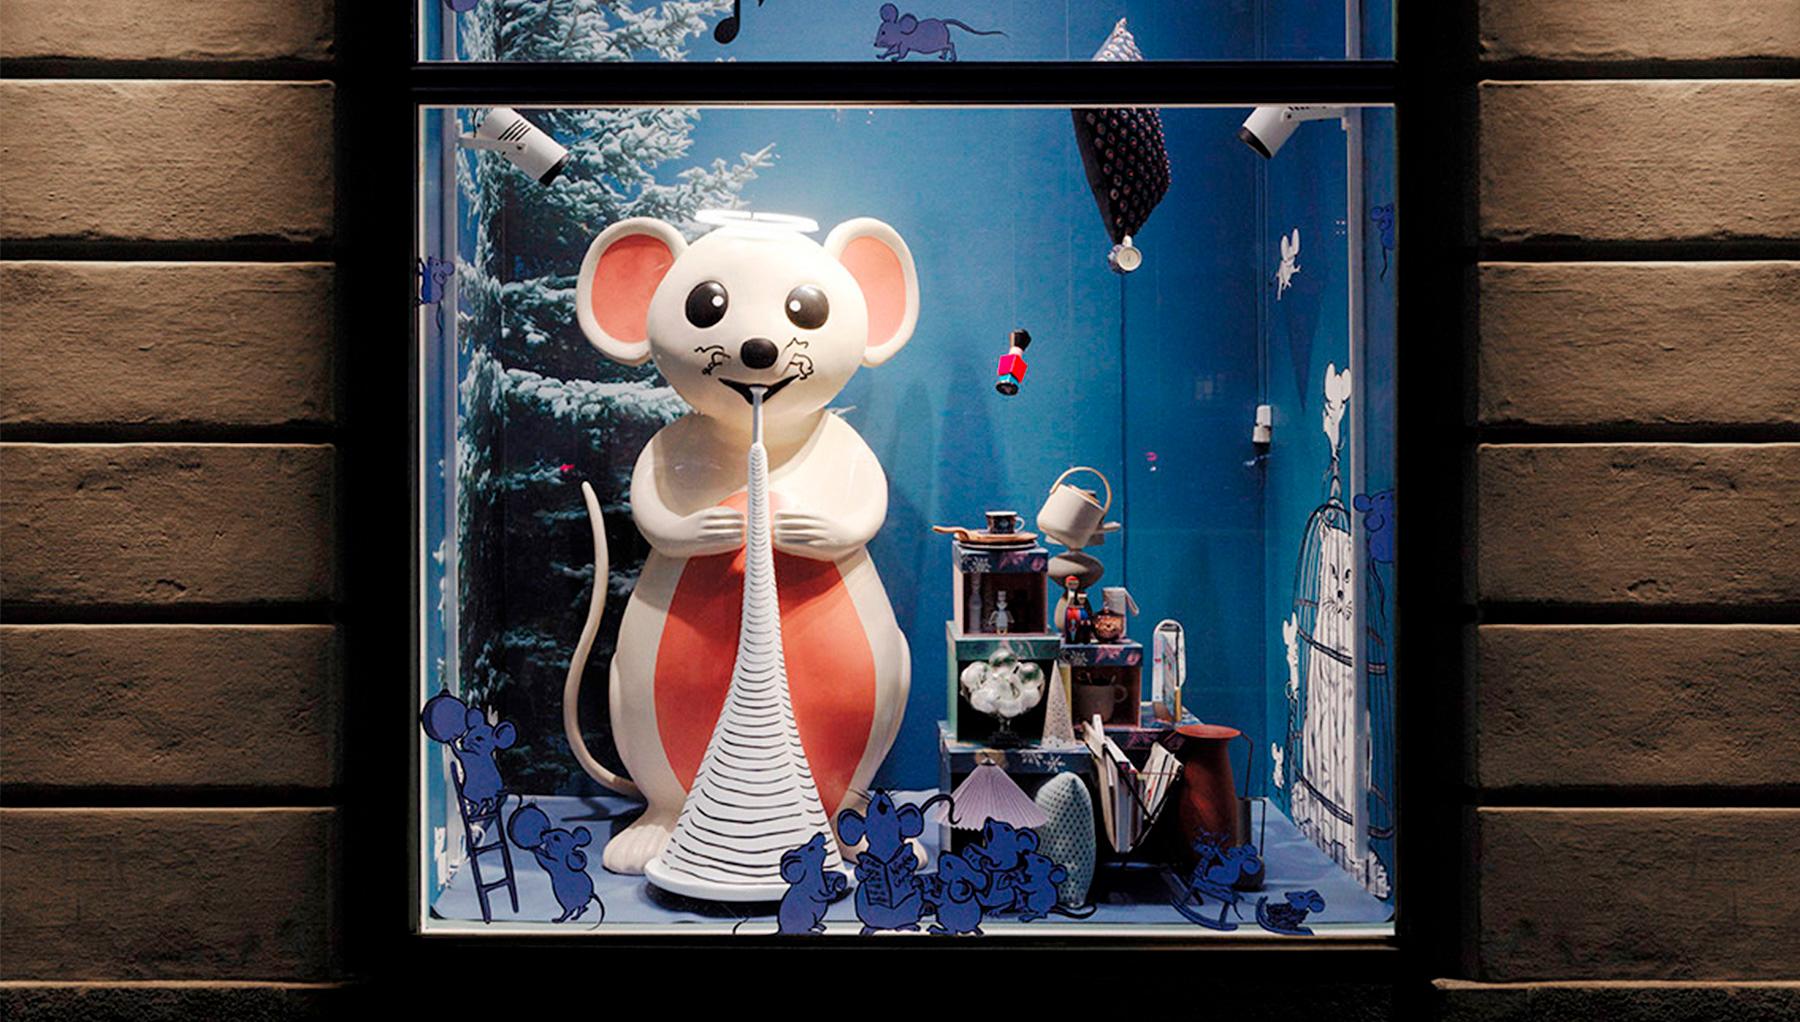 Nostalgisk julepynt og masser af hyggelige aktiviteter:Det kan du opleve i Magasin i julen